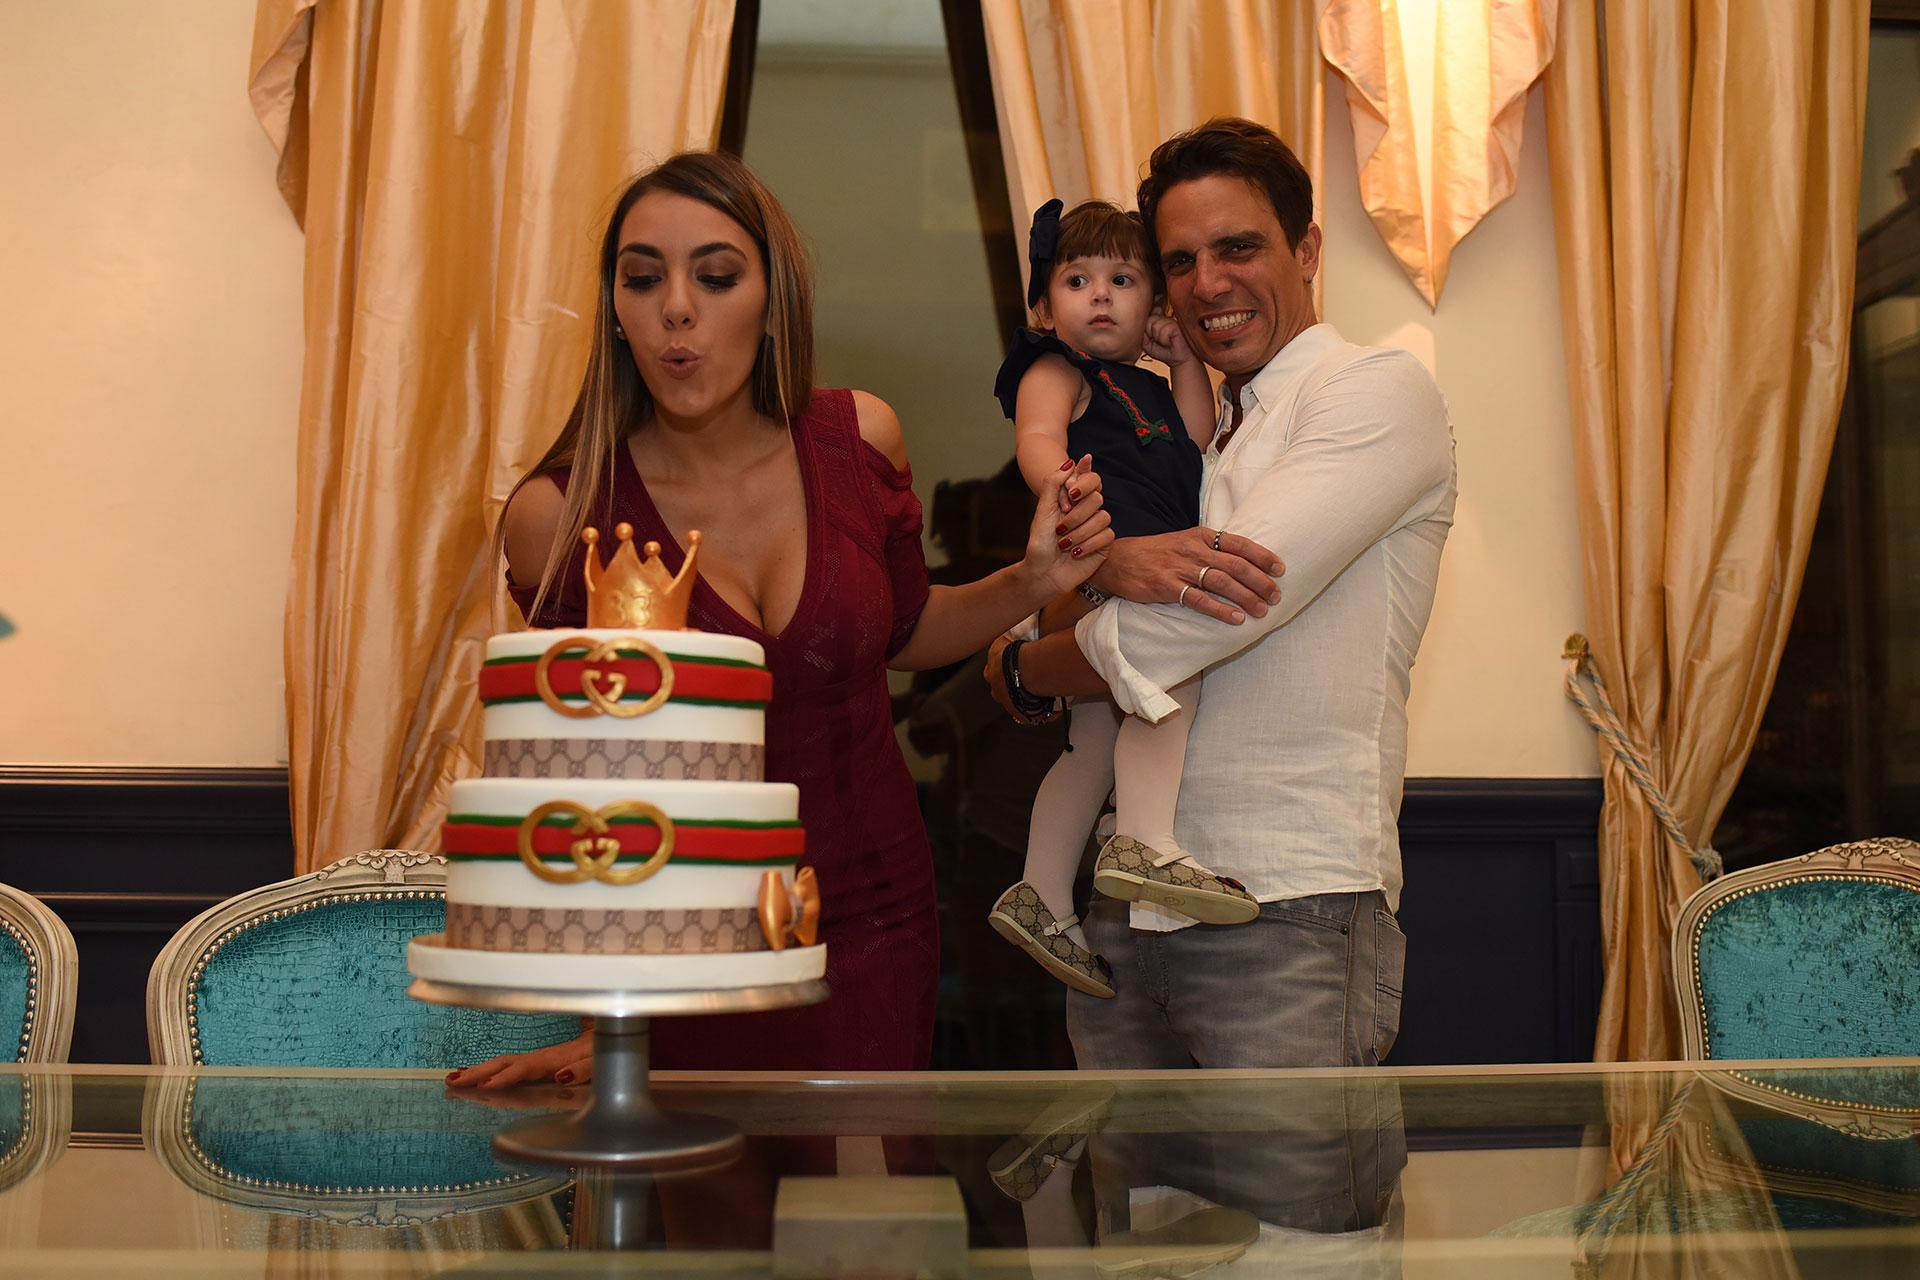 Floppy Tesouro a la hora de apagar la velita junto a su esposo Rodrigo Fernández Prieto y Moorea, la hija de ambos.